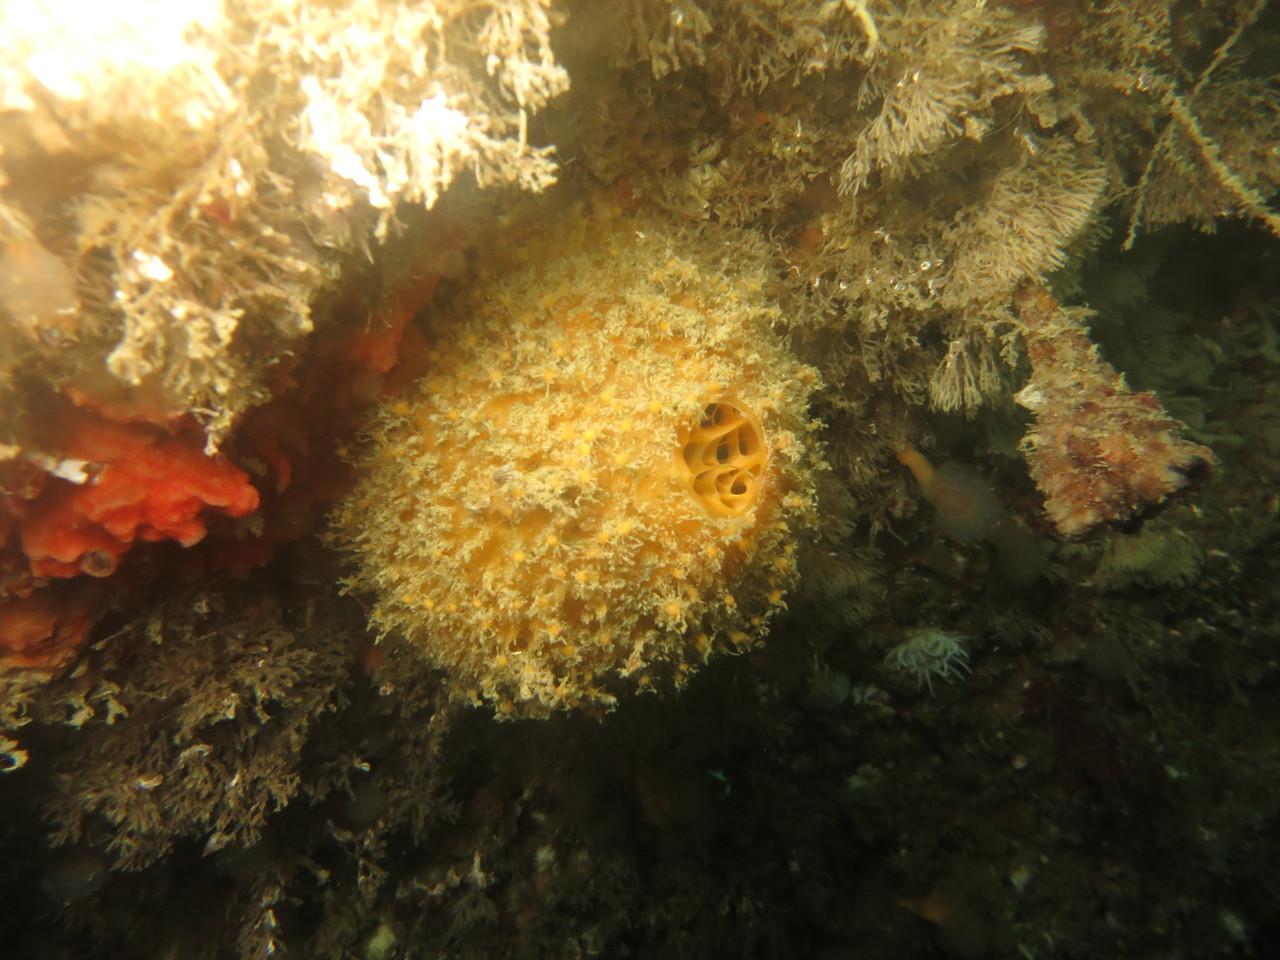 tethya aurantium, orange de mer éponge  - Saint-Cast Côte d'Armor